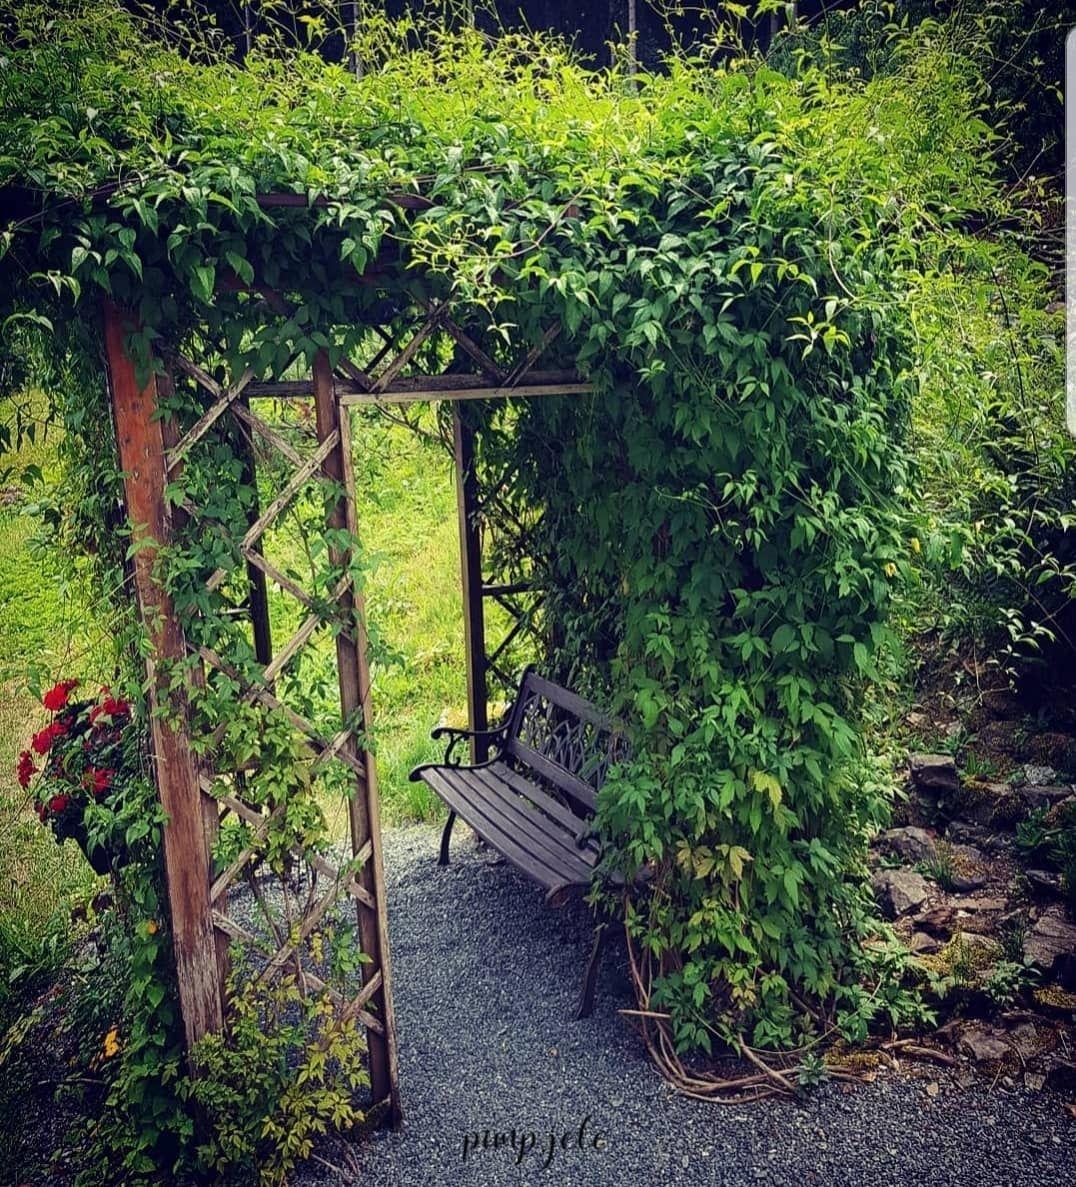 Dieses Schattige Platzchen Hab Ich Im Botanischen Garten In Adorf Gesehen In Der Hitze Wird Es Bestimmt Ofters Mal Aufgesucht Garten Botanischer Garten Sehen